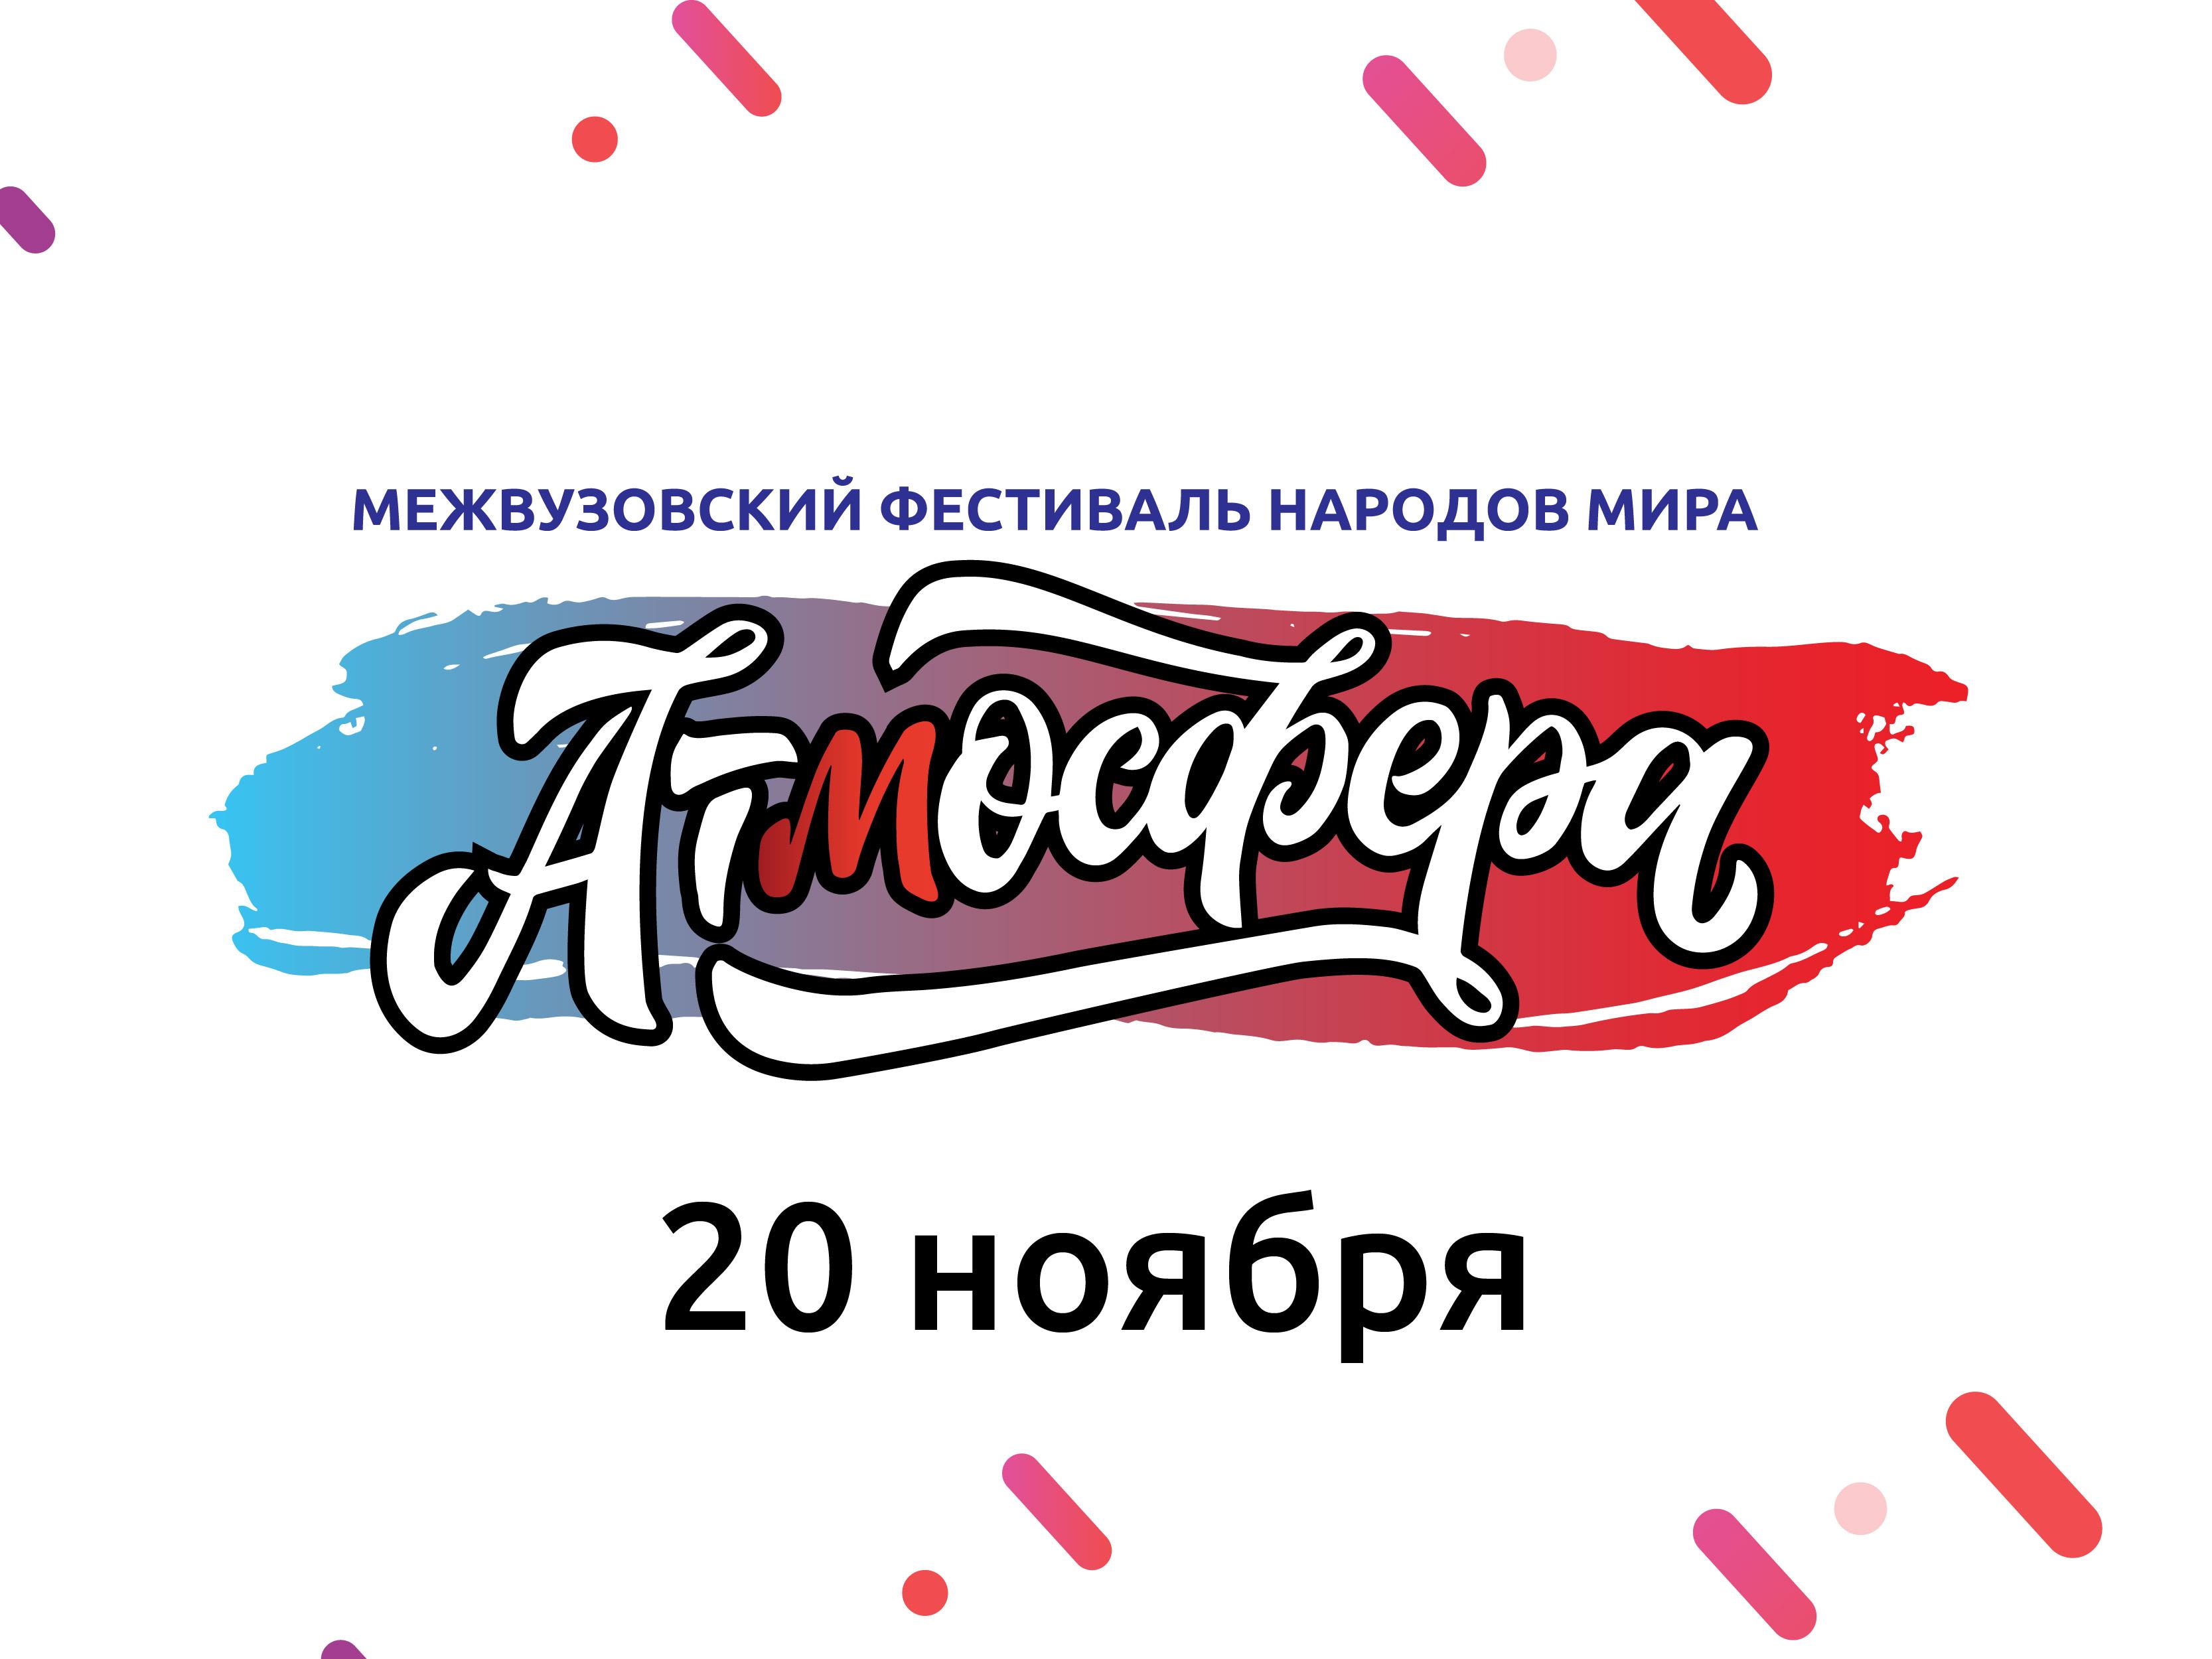 Мининский университет организует межвузовский фестиваль народов мира «Атмосфера»